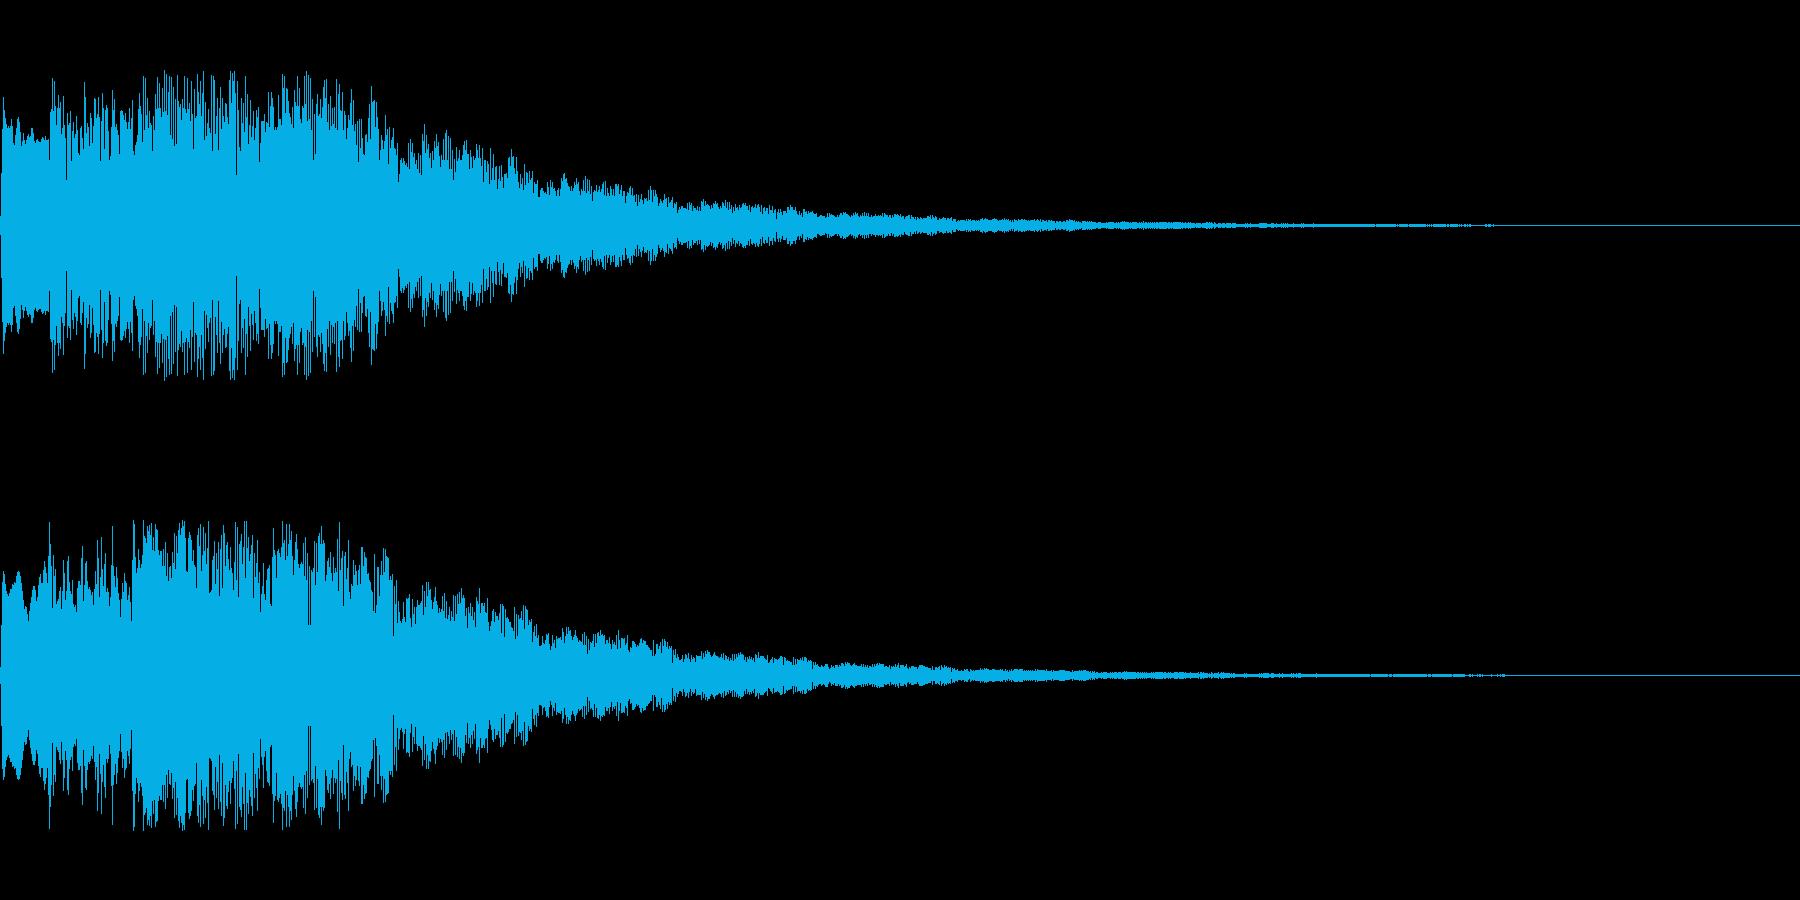 ふわふわした決定音 シンセサイザーの再生済みの波形